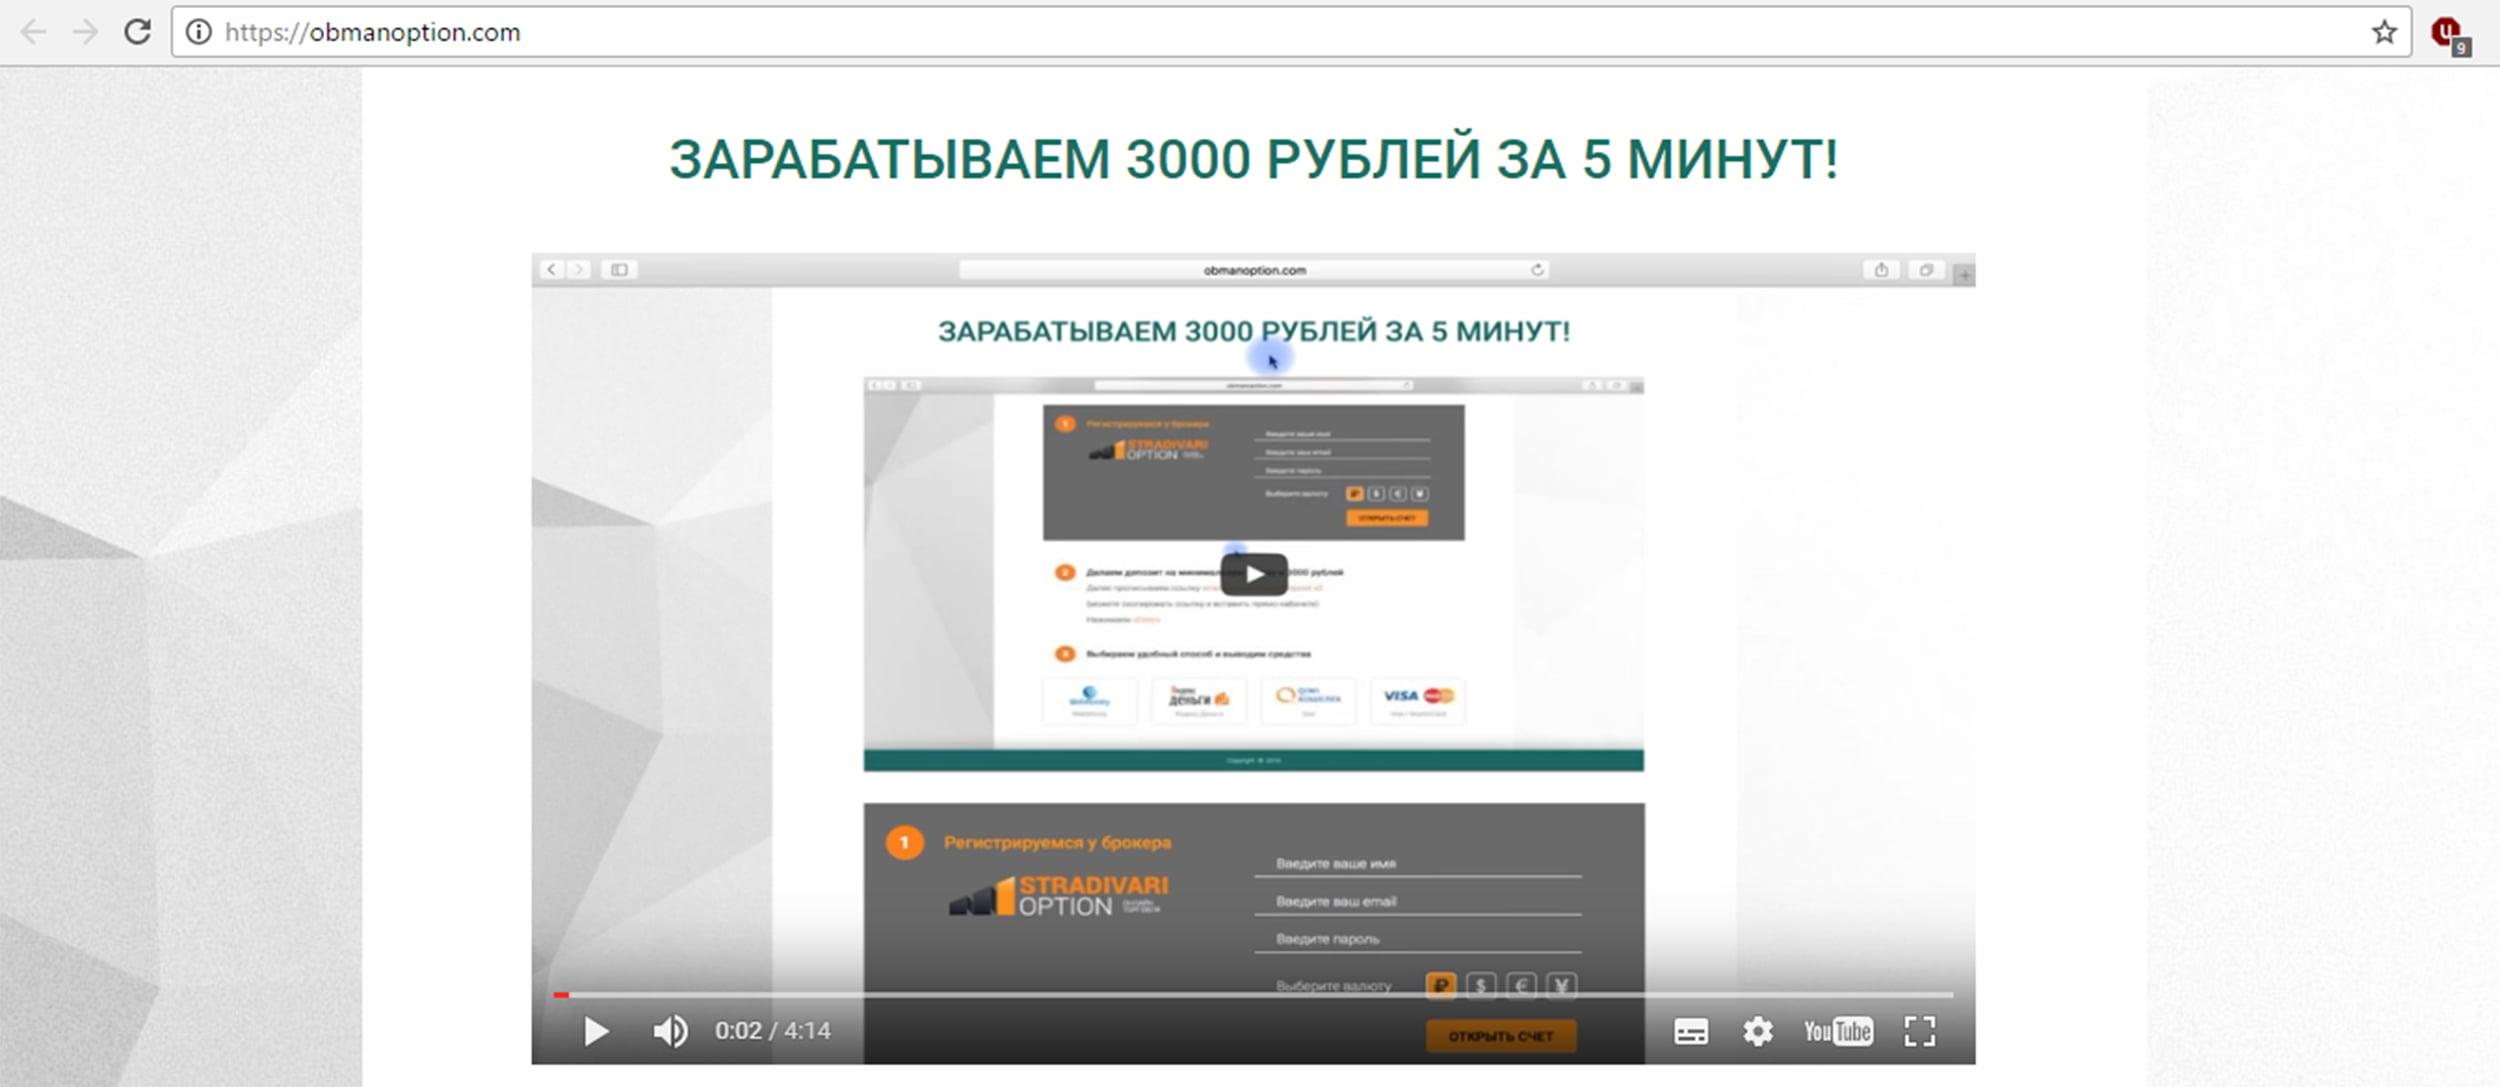 О сайте ObmanOption.com